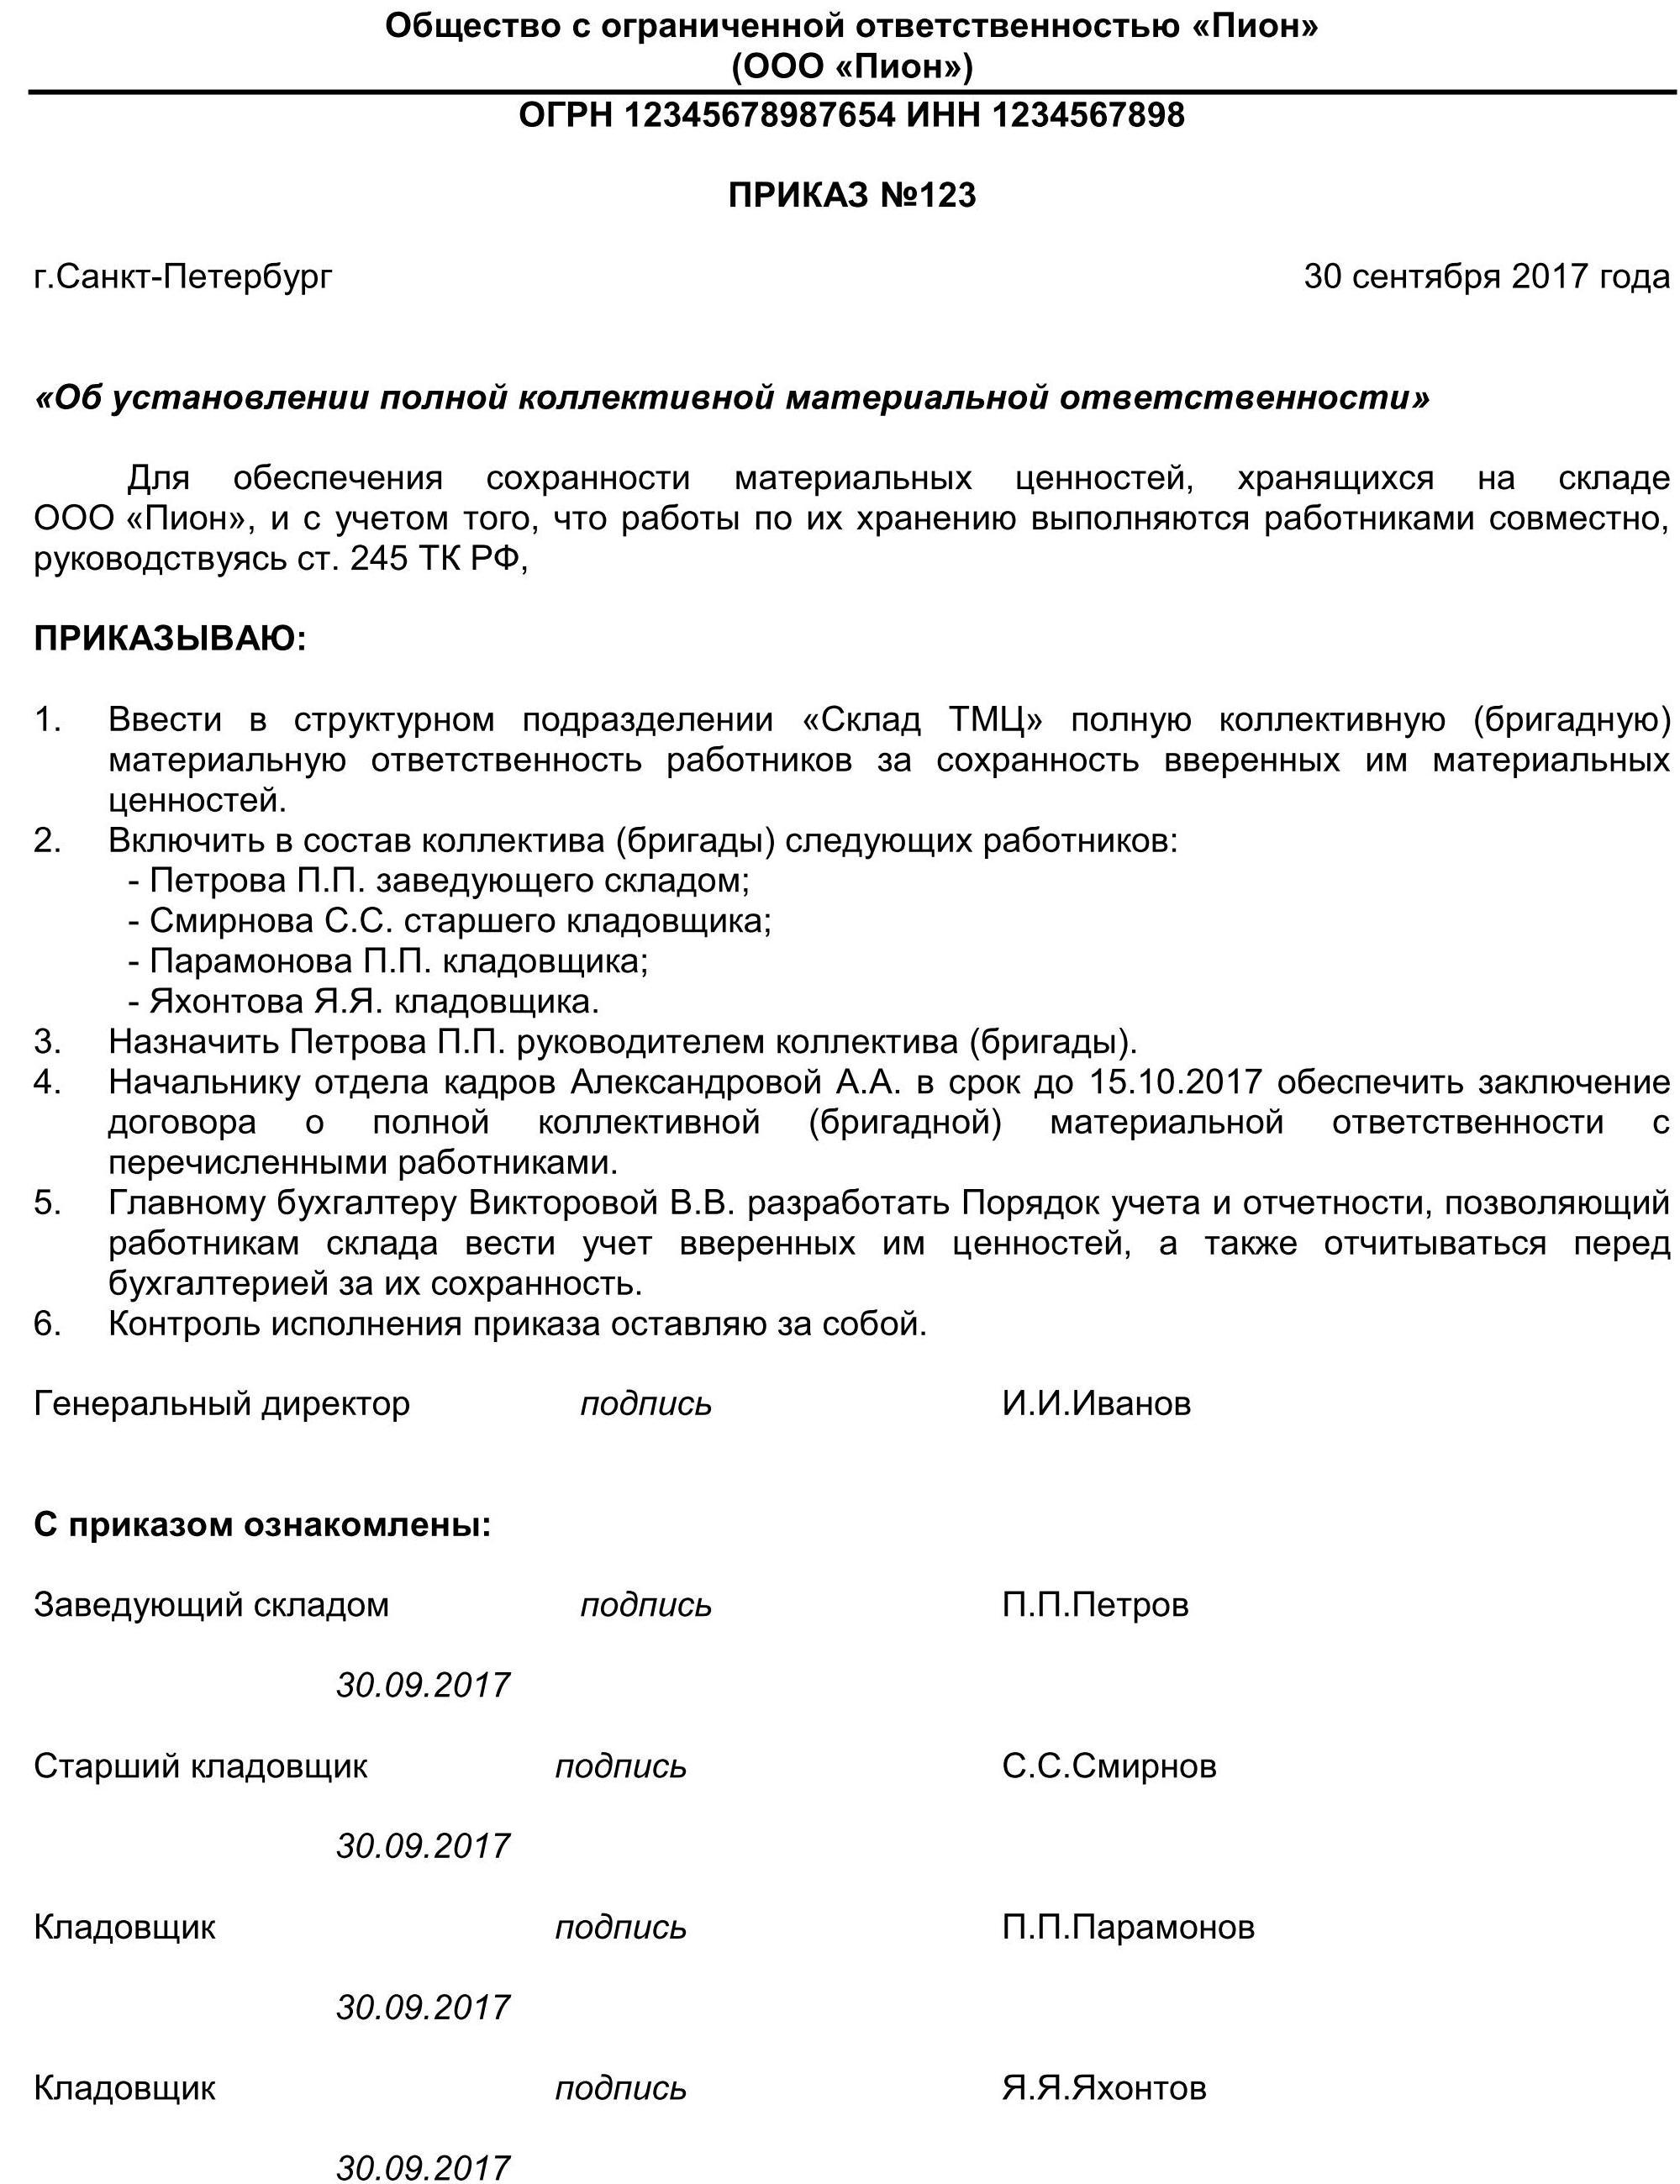 Изображение - Коллективная материальная ответственность работников образец prikaz-o-kollektivnoy-otvetstvennosti-01